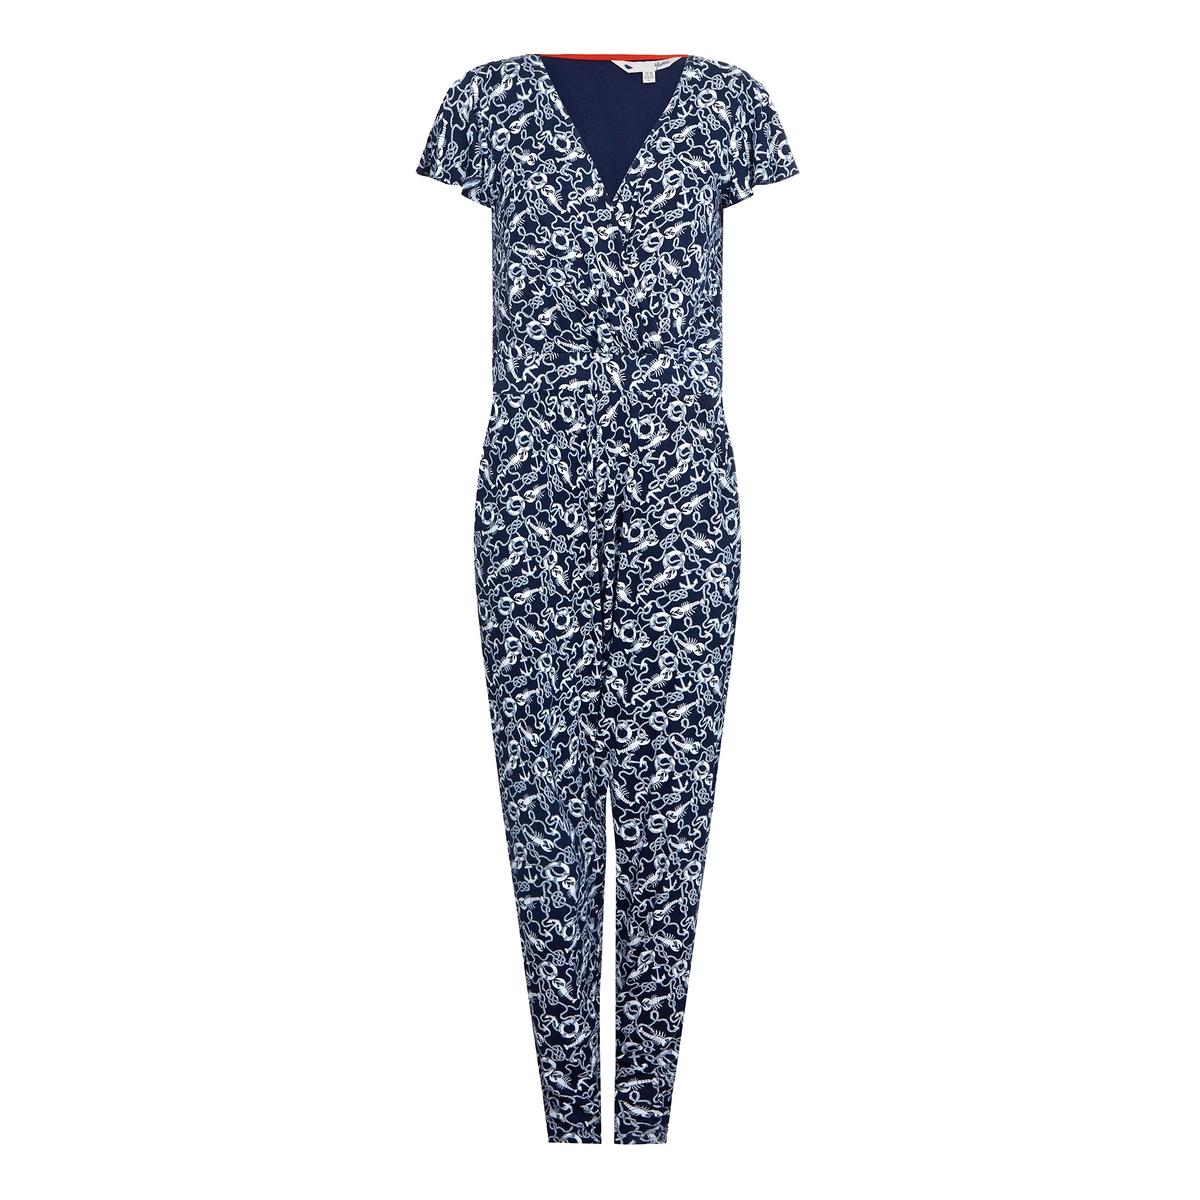 Комбинезон с брюками с рисункомМатериал : 95% вискозы, 5% эластана  Покрой комбинезона : свободный, широкий  Длина комбинезона : длина 32  Тип комбинезона : комбинезон с брюками<br><br>Цвет: рисунок темно-синий